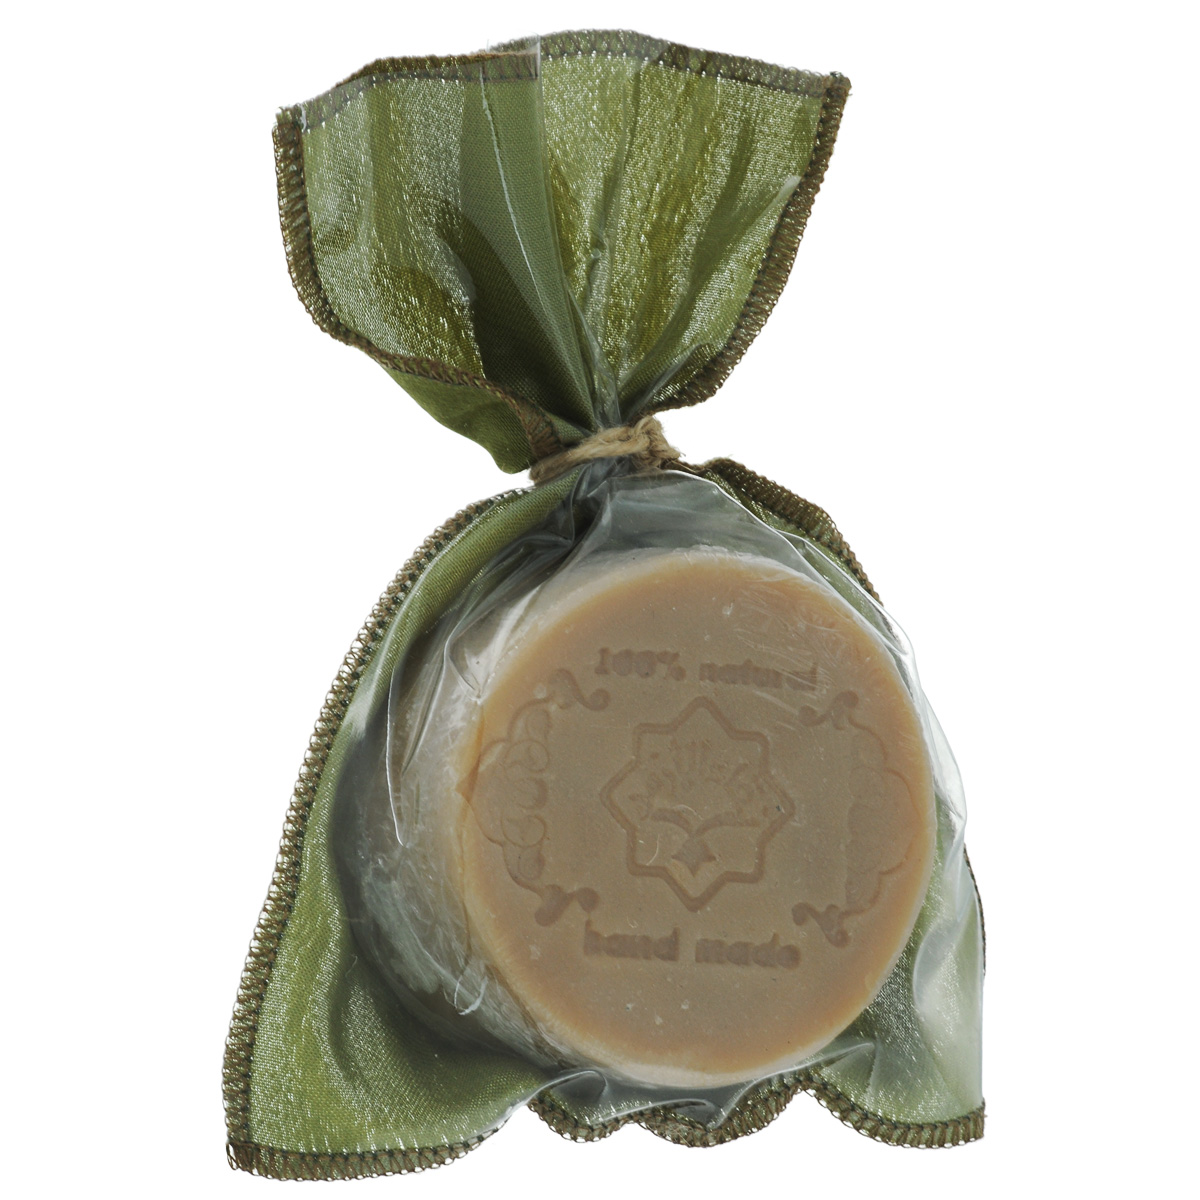 Зейтун Мыло Экстра №1 Козье молоко, 150 г9Удивительно нежное, мягкое, «кремовое» натуральное мыло, дающее обильную и легко-воздушную пену. В нём соединились два действенных натуральных компонента, два символа здоровья и красоты средиземноморских наций — оливковое масло и молоко, козье молоко. В составе около 10-ти процентов свежего козьего молока, в котором богатейший набор аминокислот, протеинов, витаминов и микроэлементов, которые помимо косметического эффекта — смягчающего и увлажняющего, оказывают регенерирующее (а, значит, омолаживающее) действие на кожу. При всей своей мягкости это натуральное мыло отлично очищает кожу, поэтому прекрасно подходит для умывания лица и снятия макияжа.